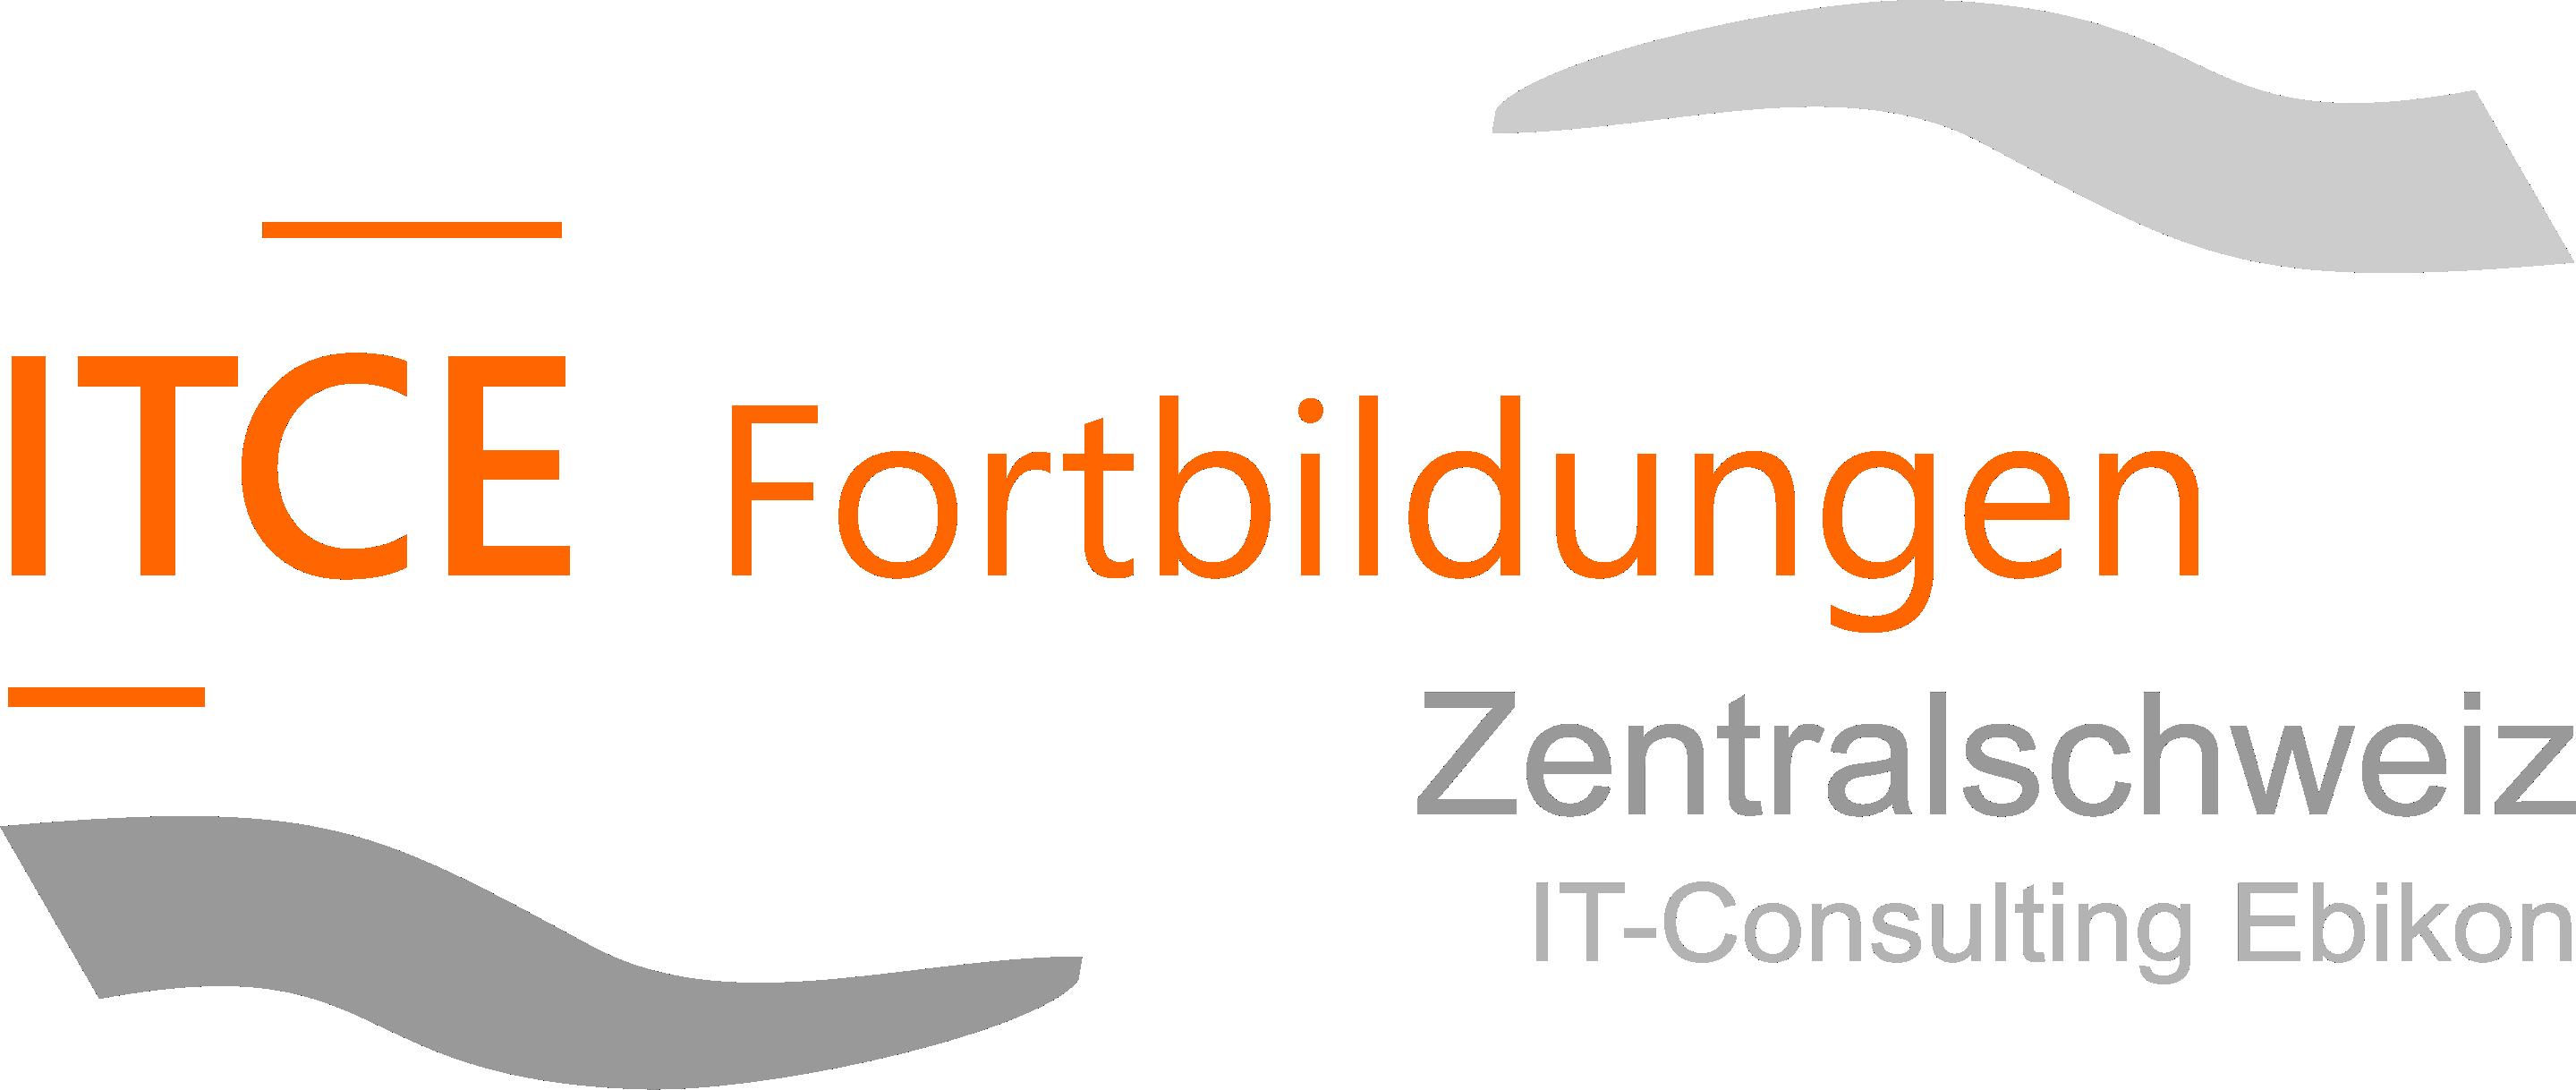 Fortbildungszentrum Zentralschweiz